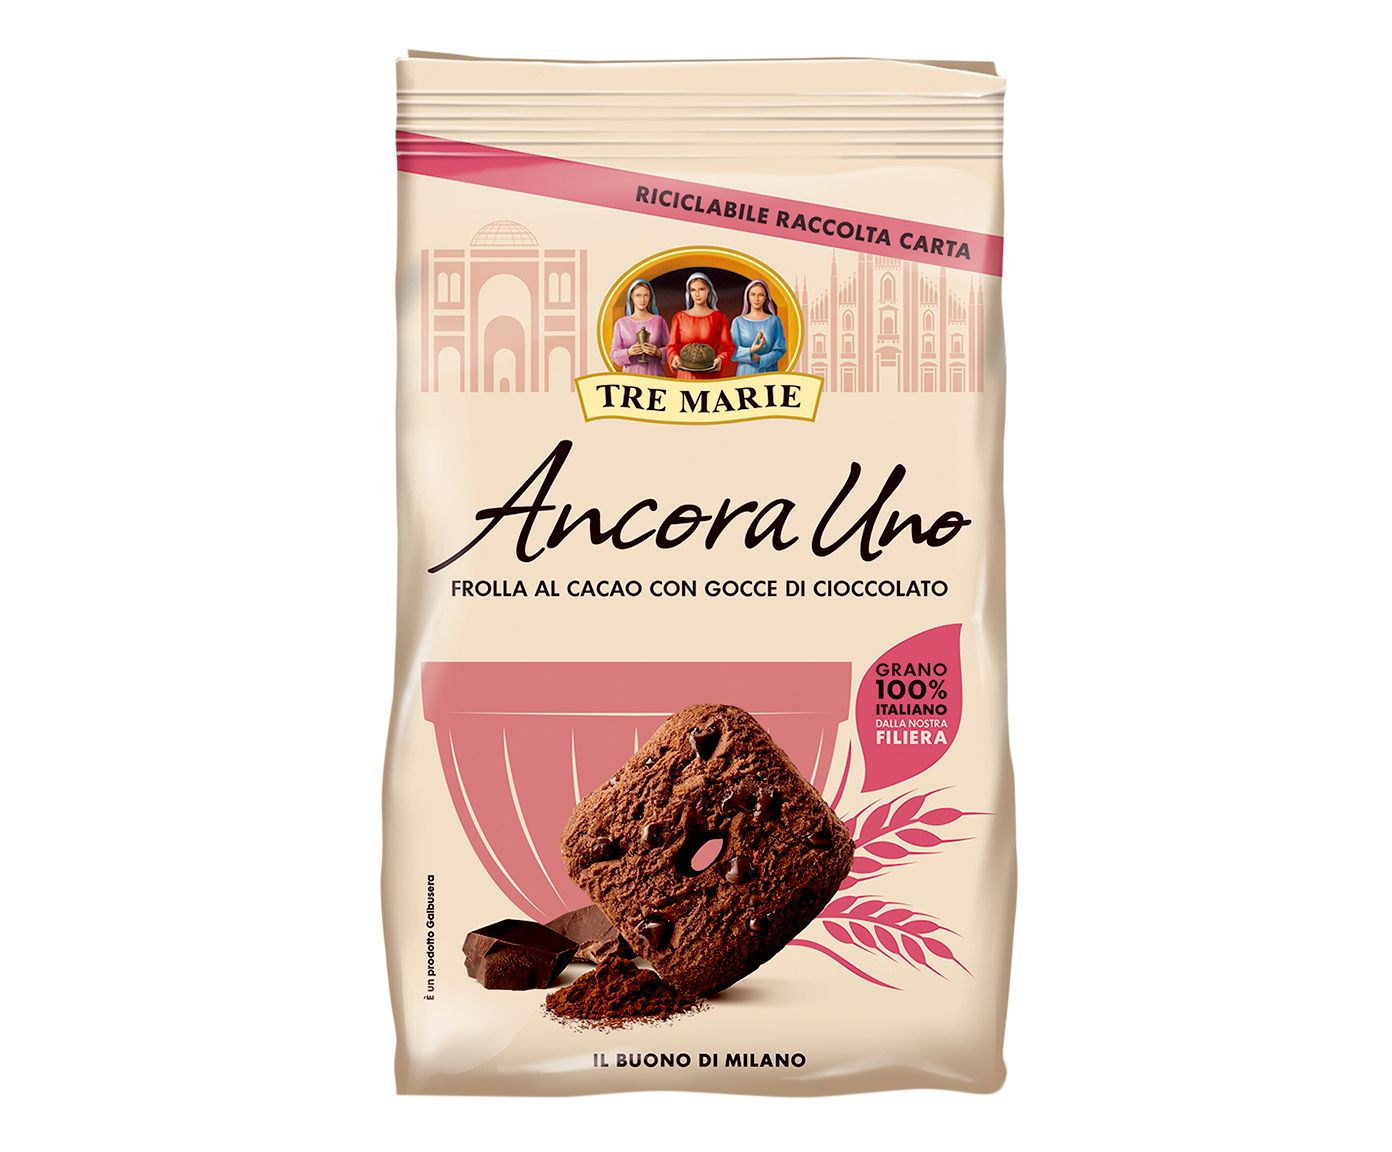 Biscoito de Cacau com Gotas de Chocolate Ancora Uno - 300G   Westwing.com.br